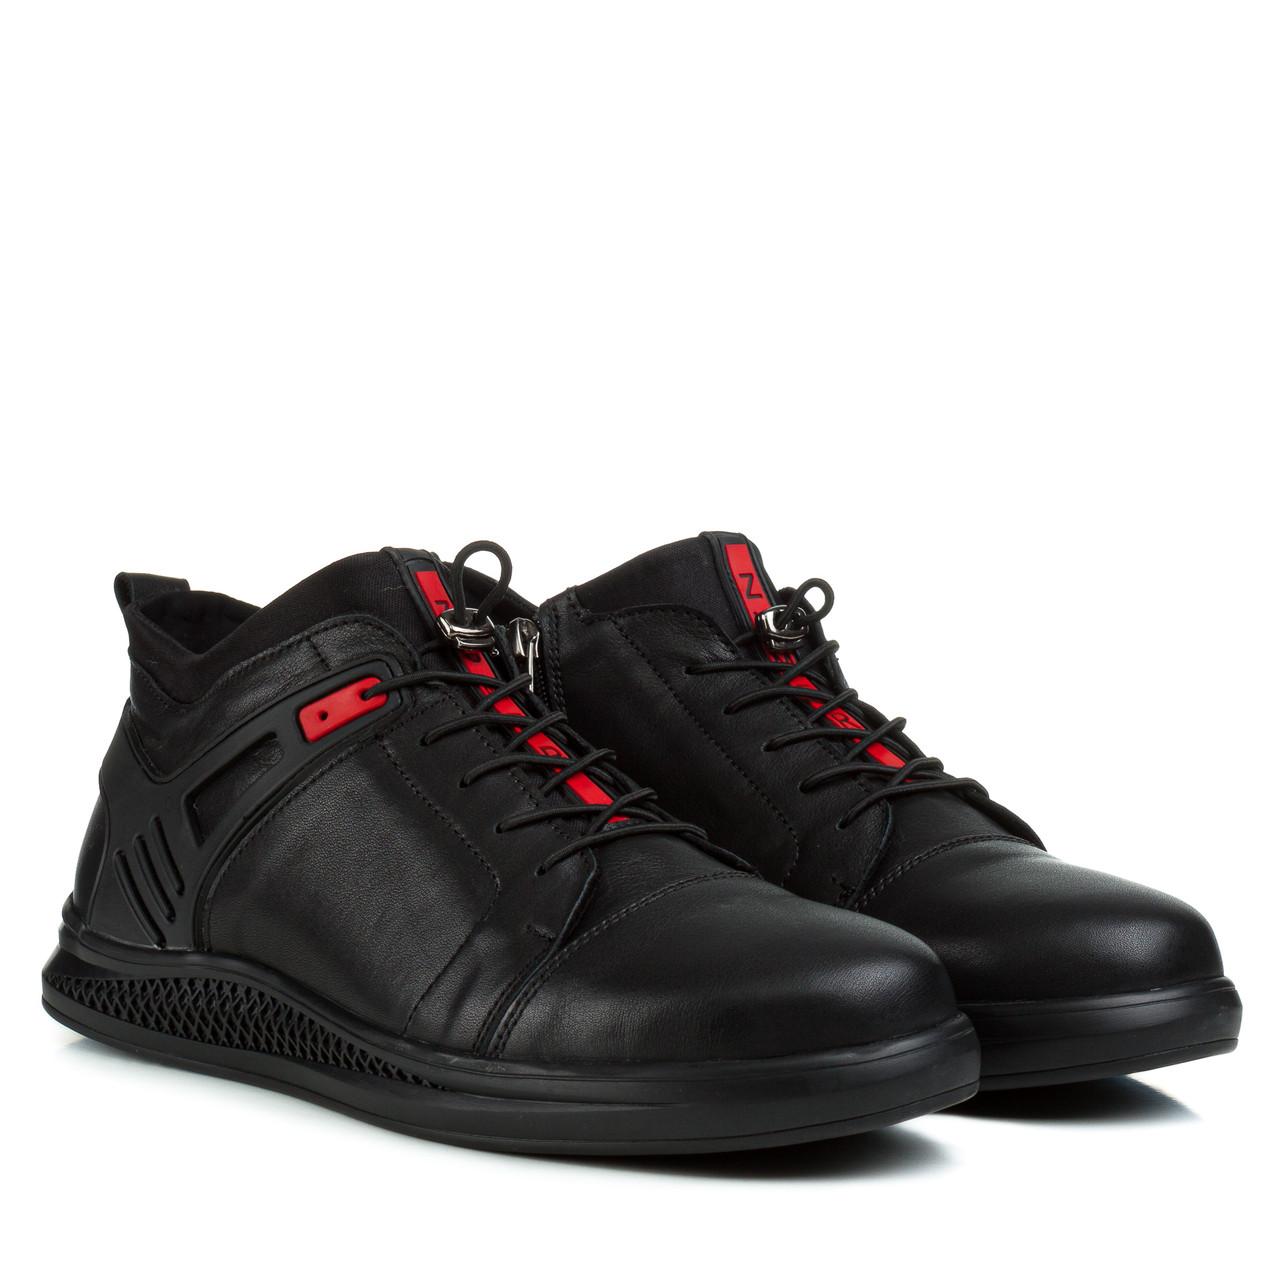 Ботинки мужские ZUMMER (стильные, качественные, зимние, натуральные)